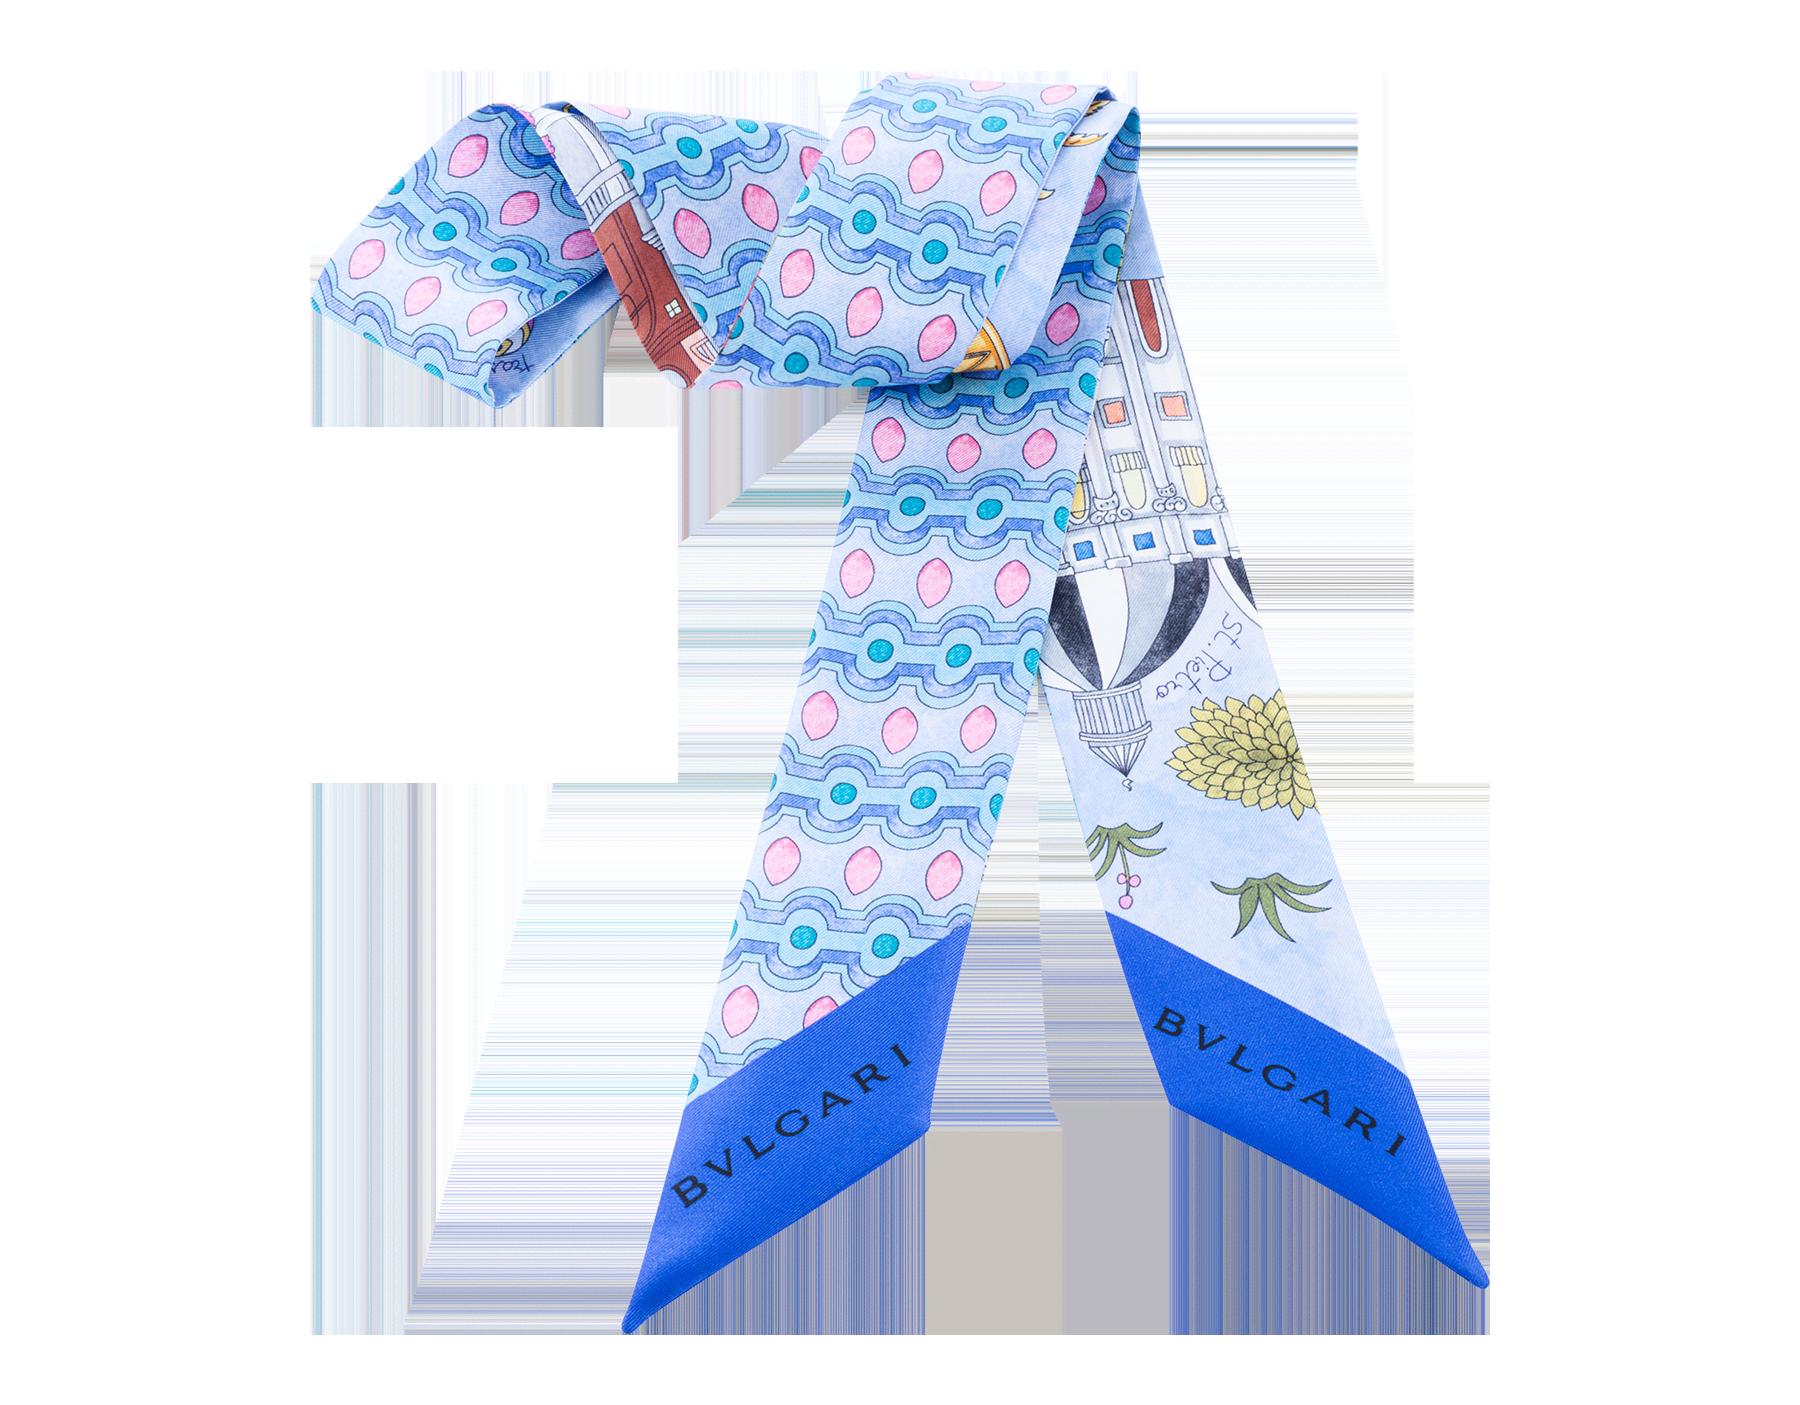 淺藍色 CITTA ETERNA 上等斜紋絲領巾。 CITTAETERNASHELb image 1